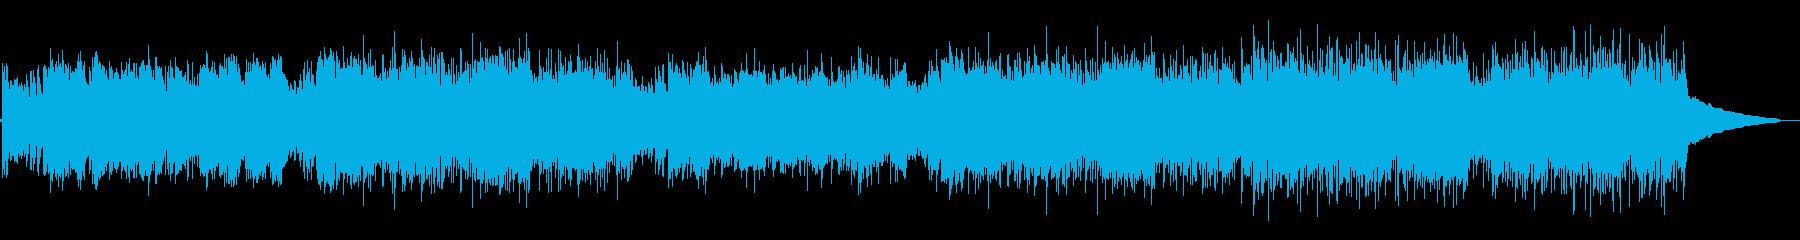 アニメ・情熱的でかっこいいフラメンコの再生済みの波形